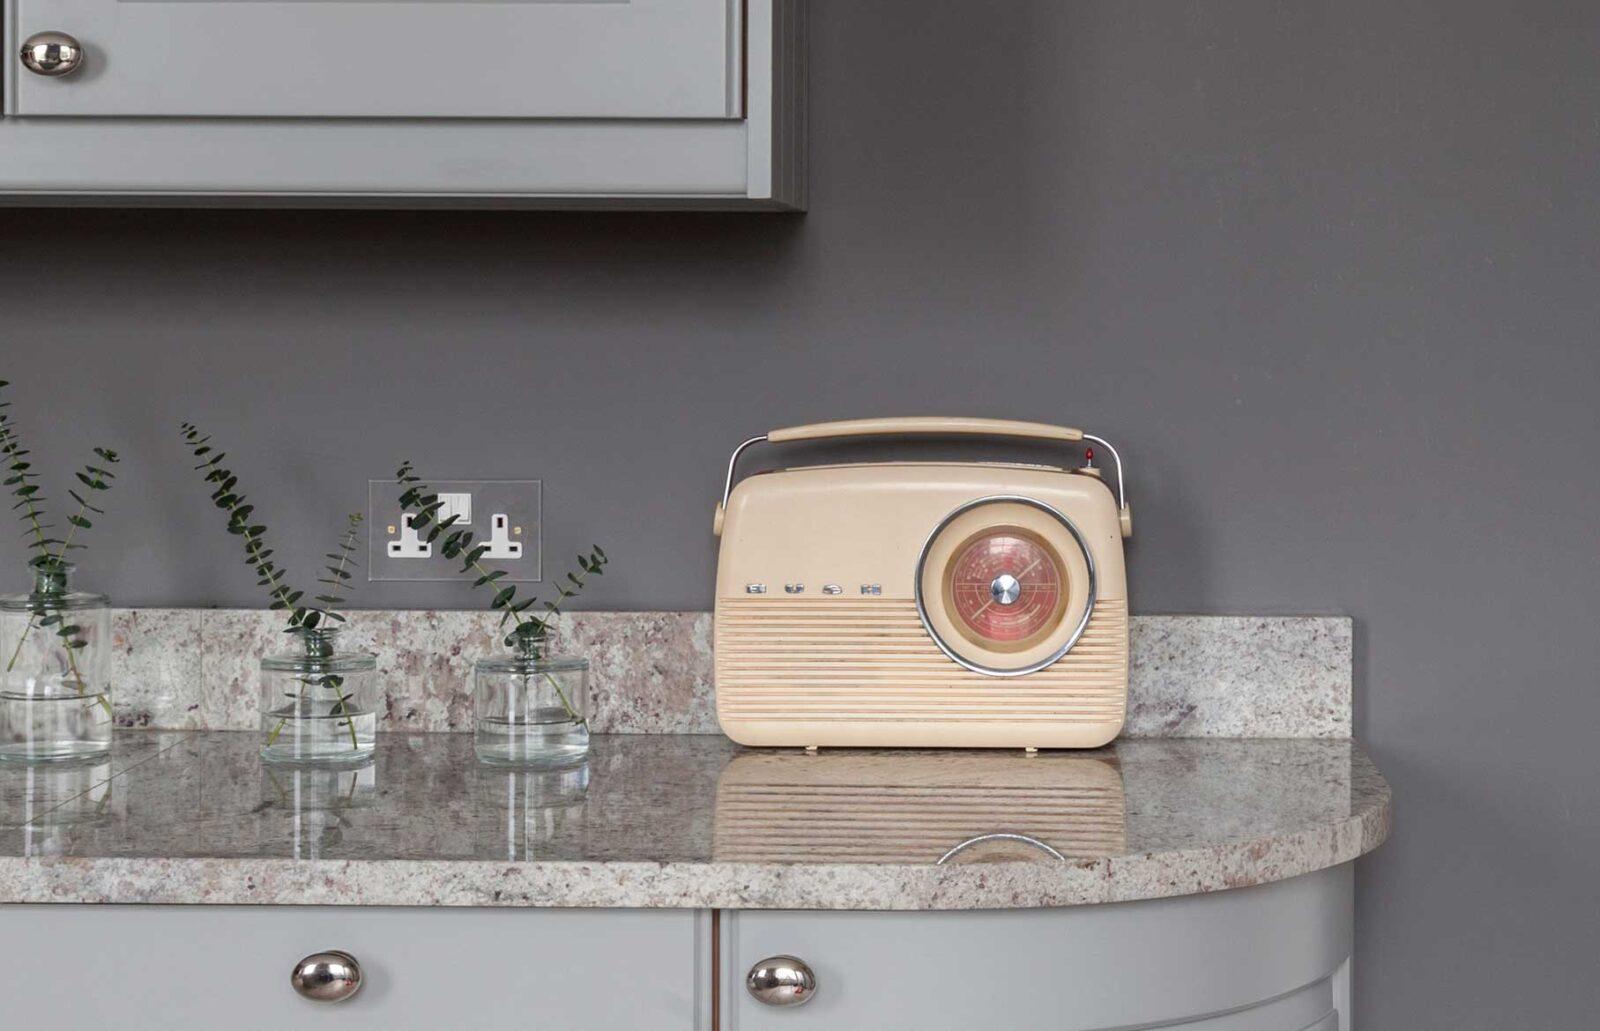 Bespoke kitchen design details